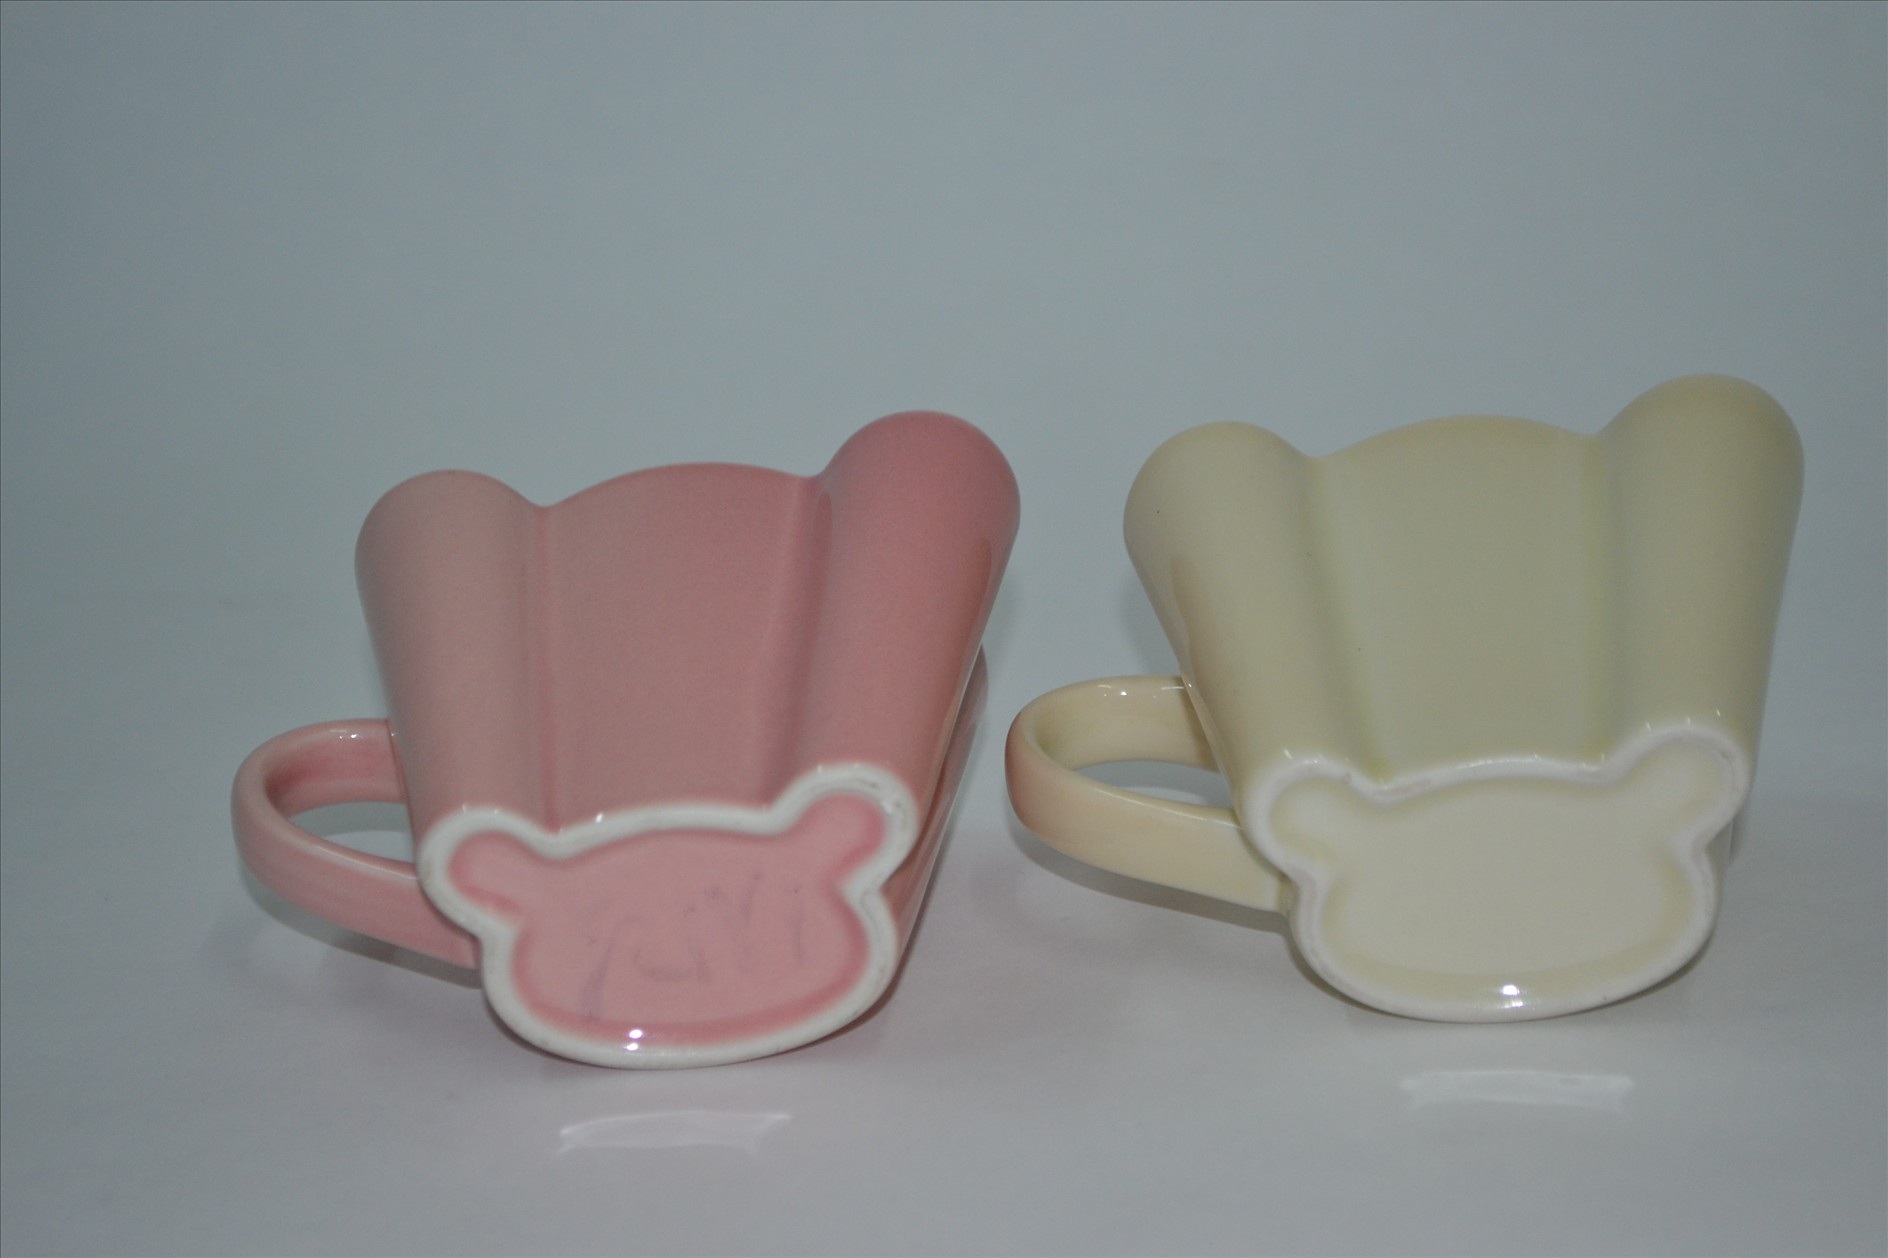 小熊情侣对杯 可爱粉色 温馨黄色 陶瓷 早餐杯 奶杯 咖啡杯